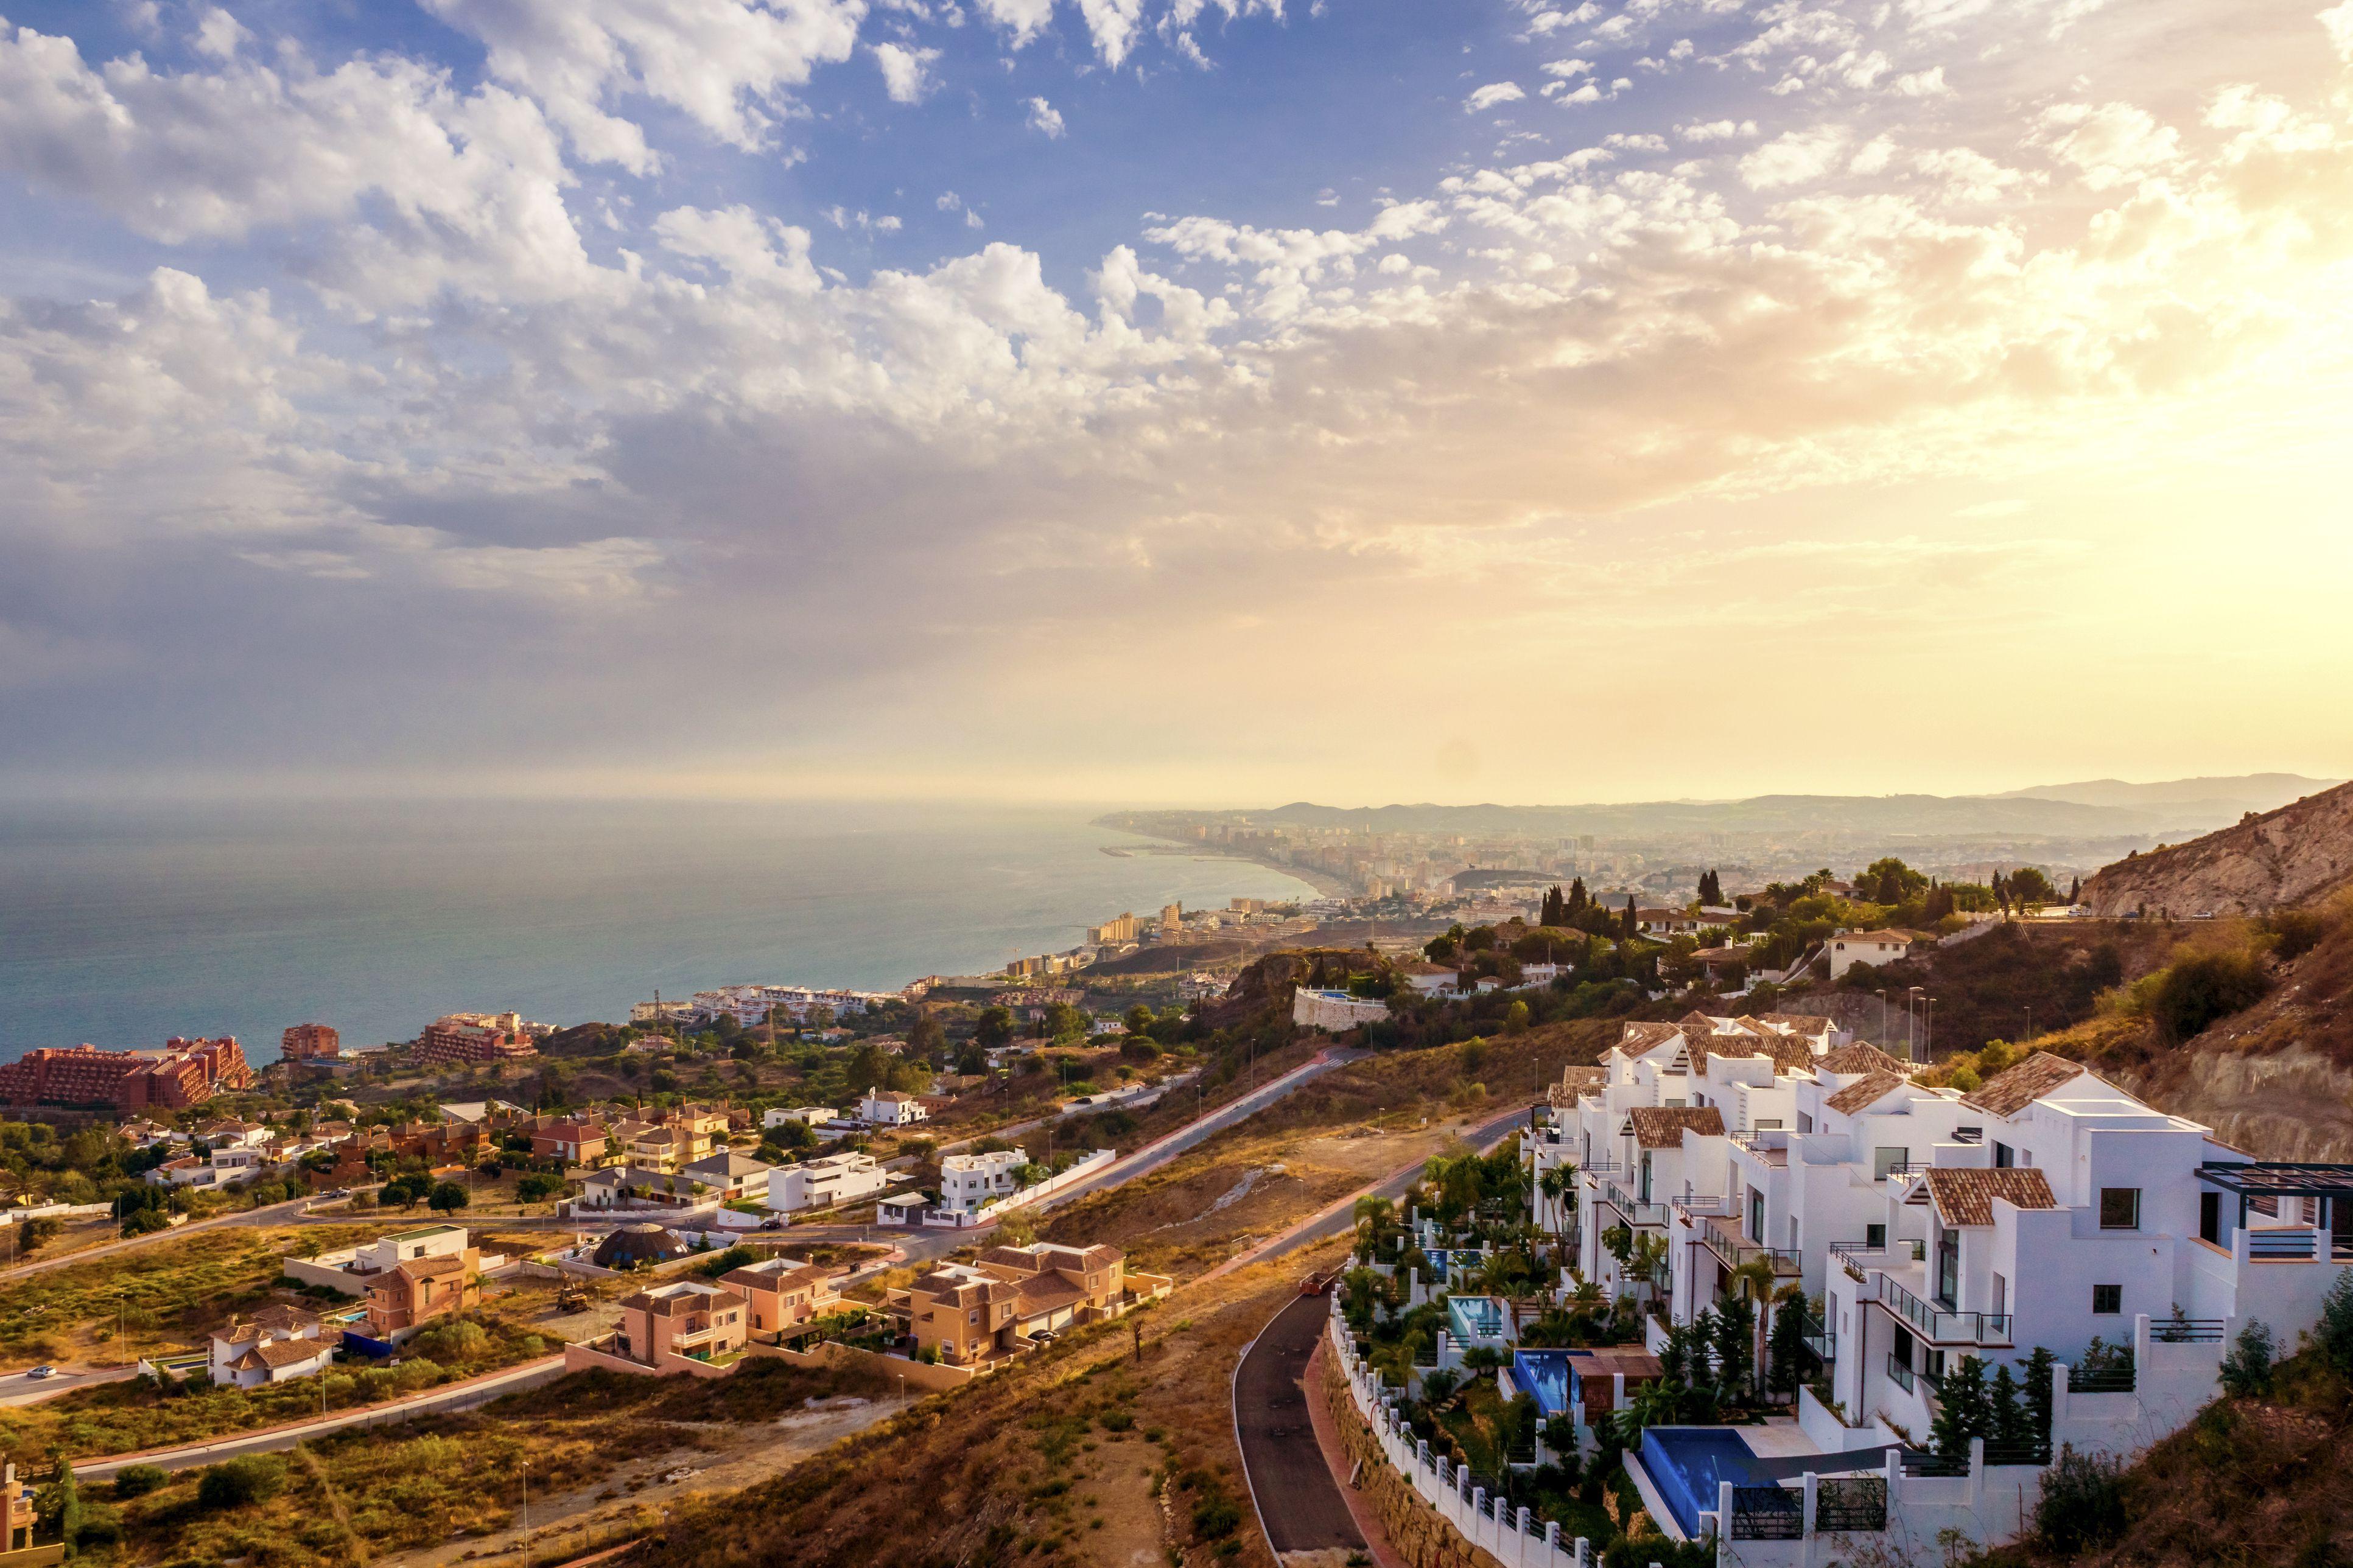 España, Andalucía, Málaga, Marbella, Panorama